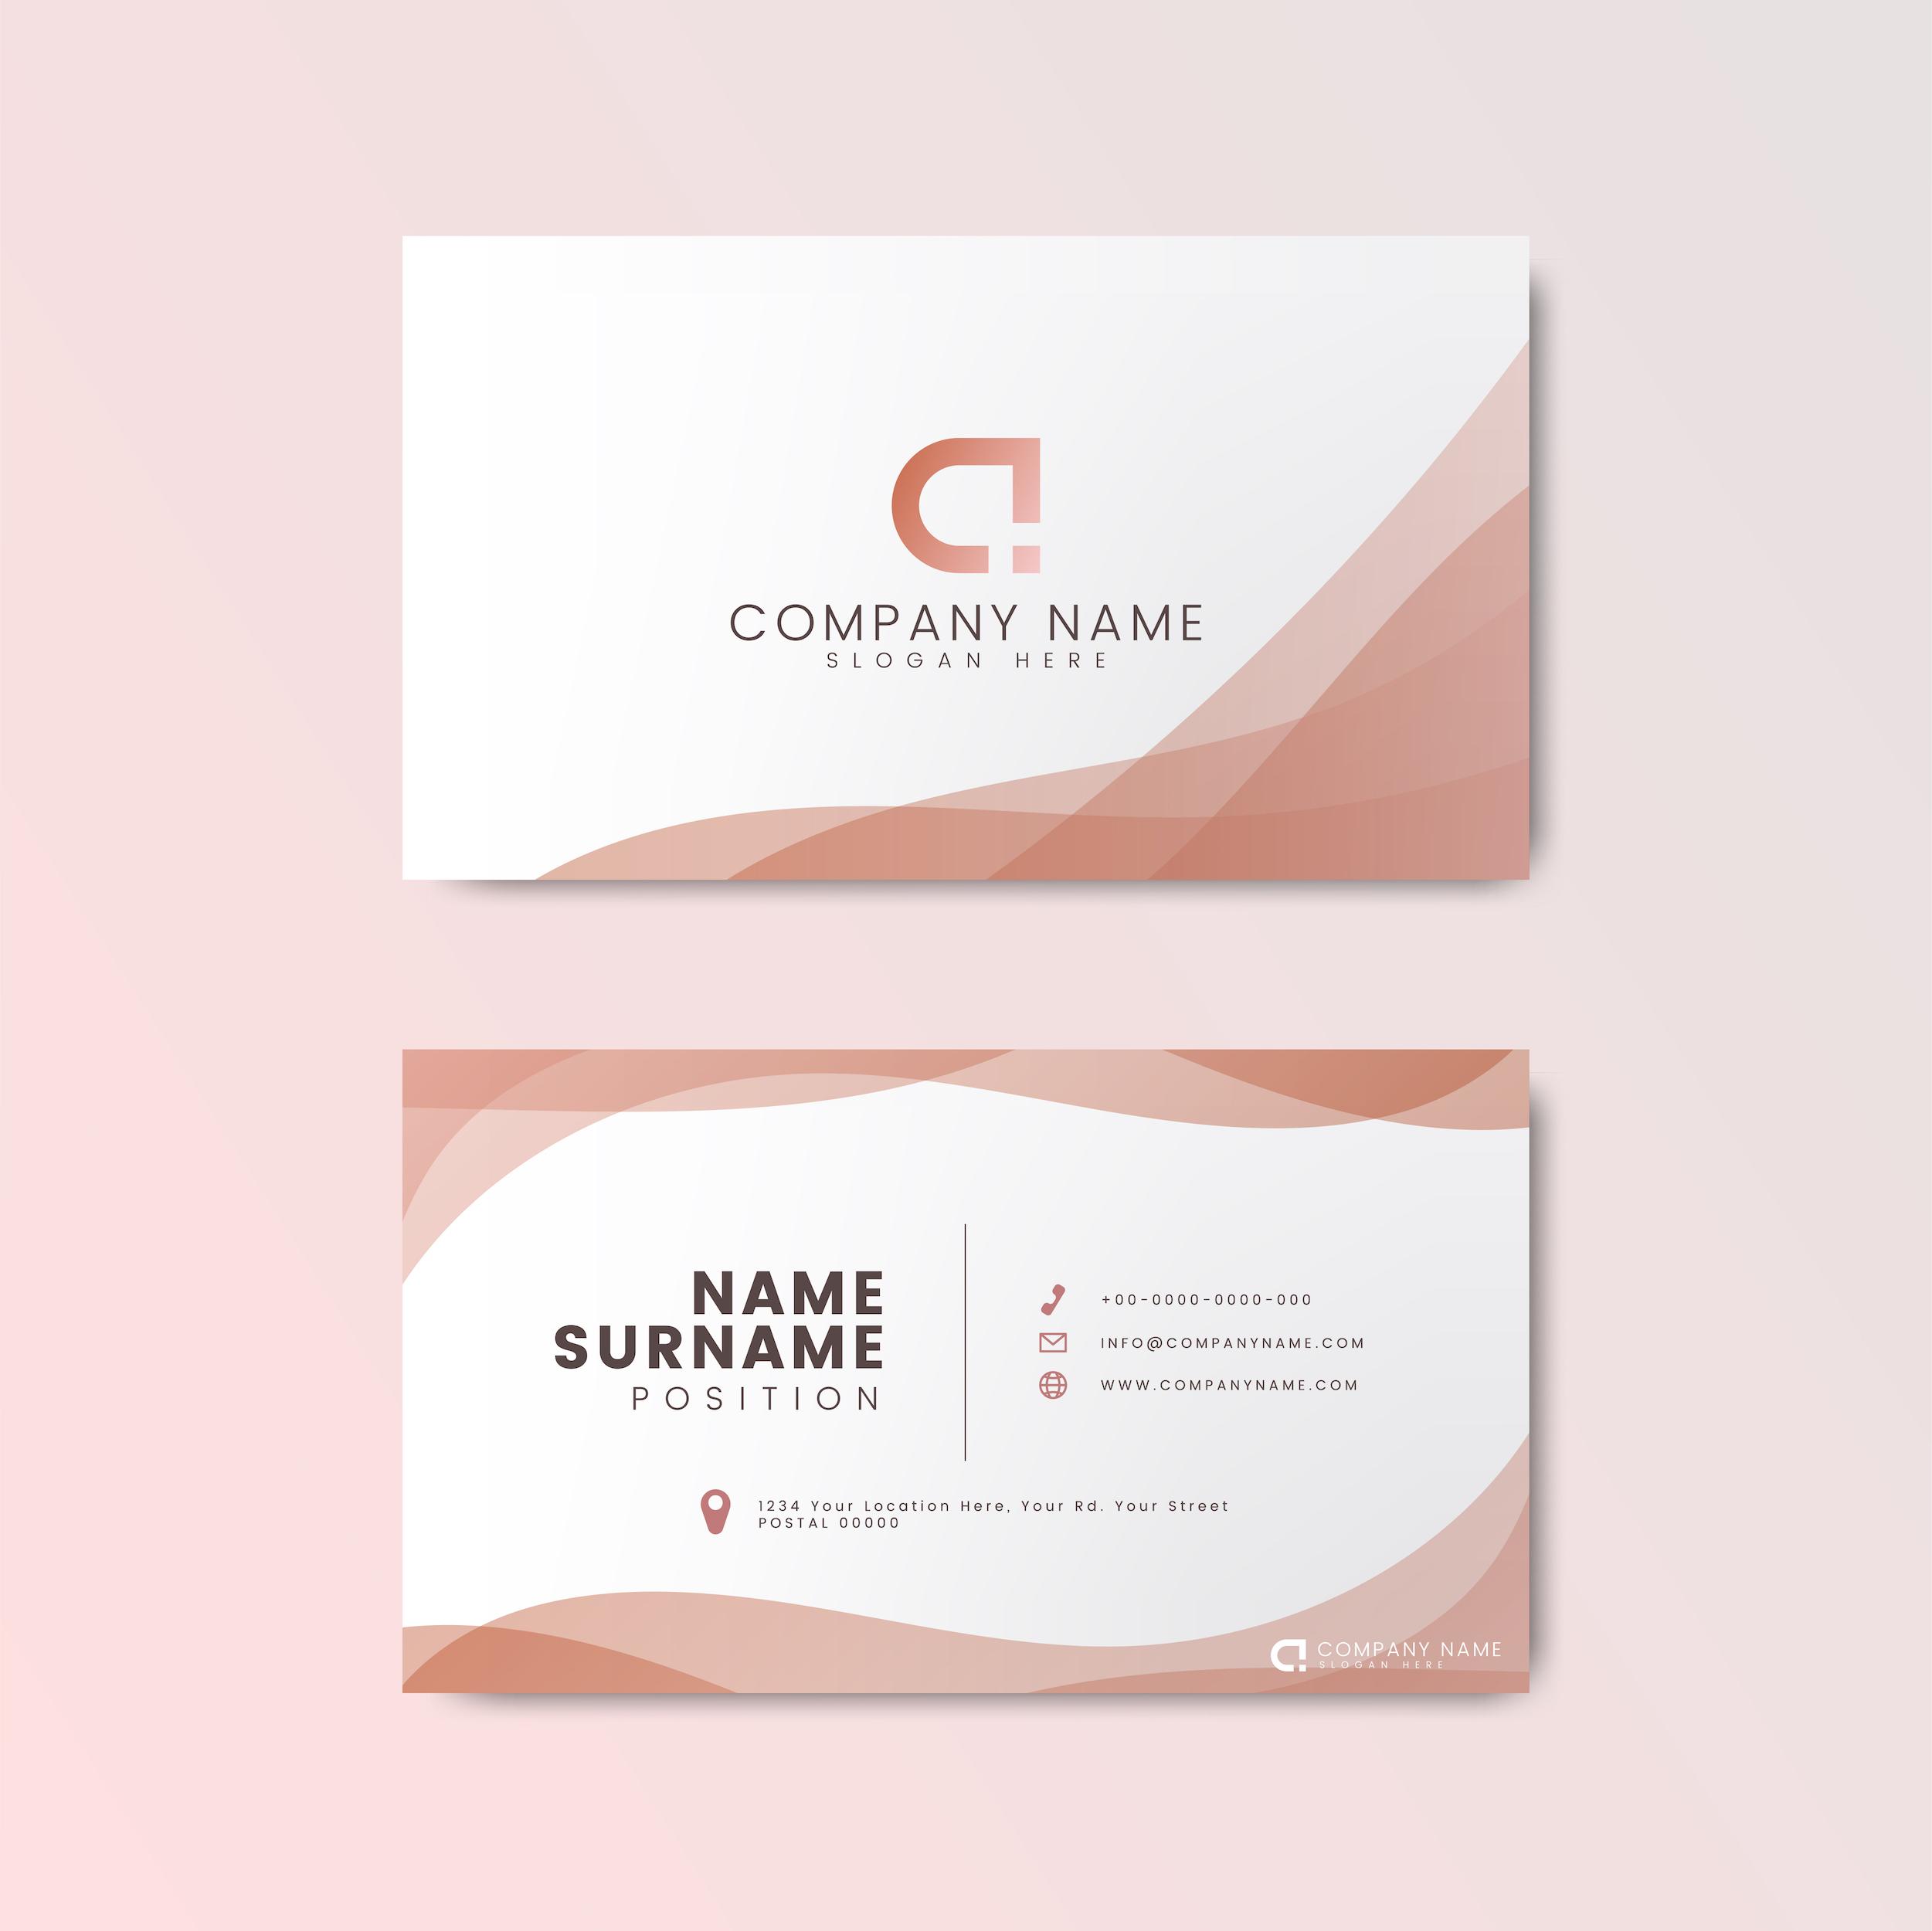 卡片設計資訊